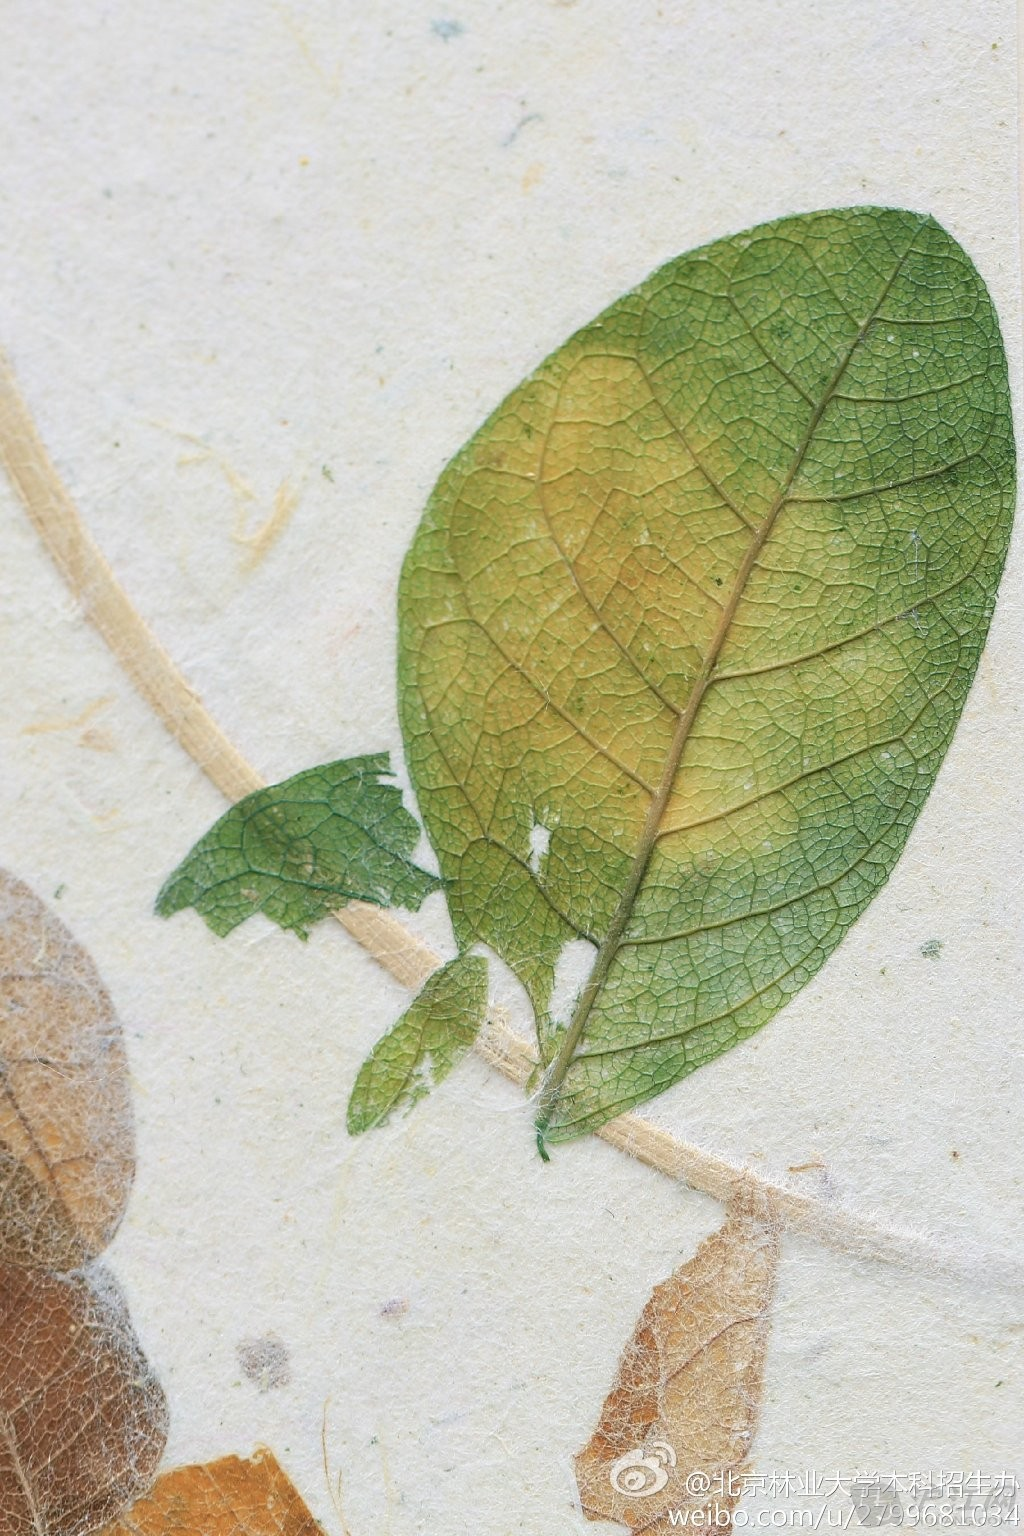 植物标本嵌入北林录取通知书